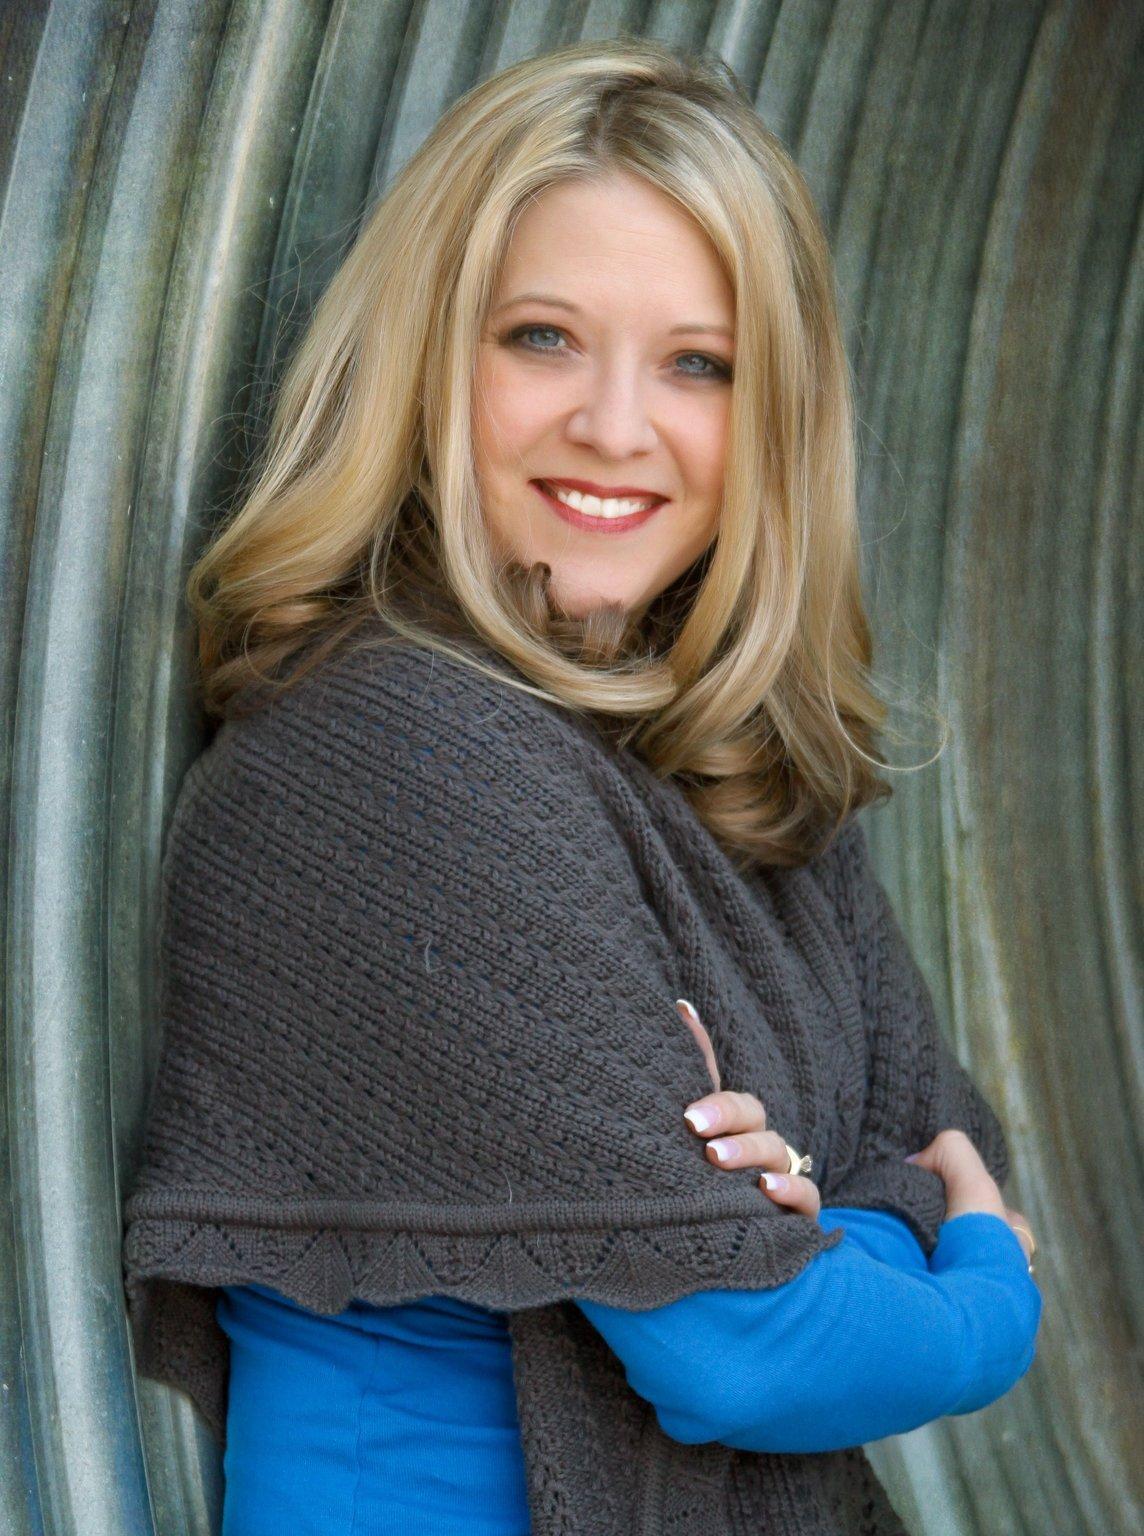 Erica Garretson